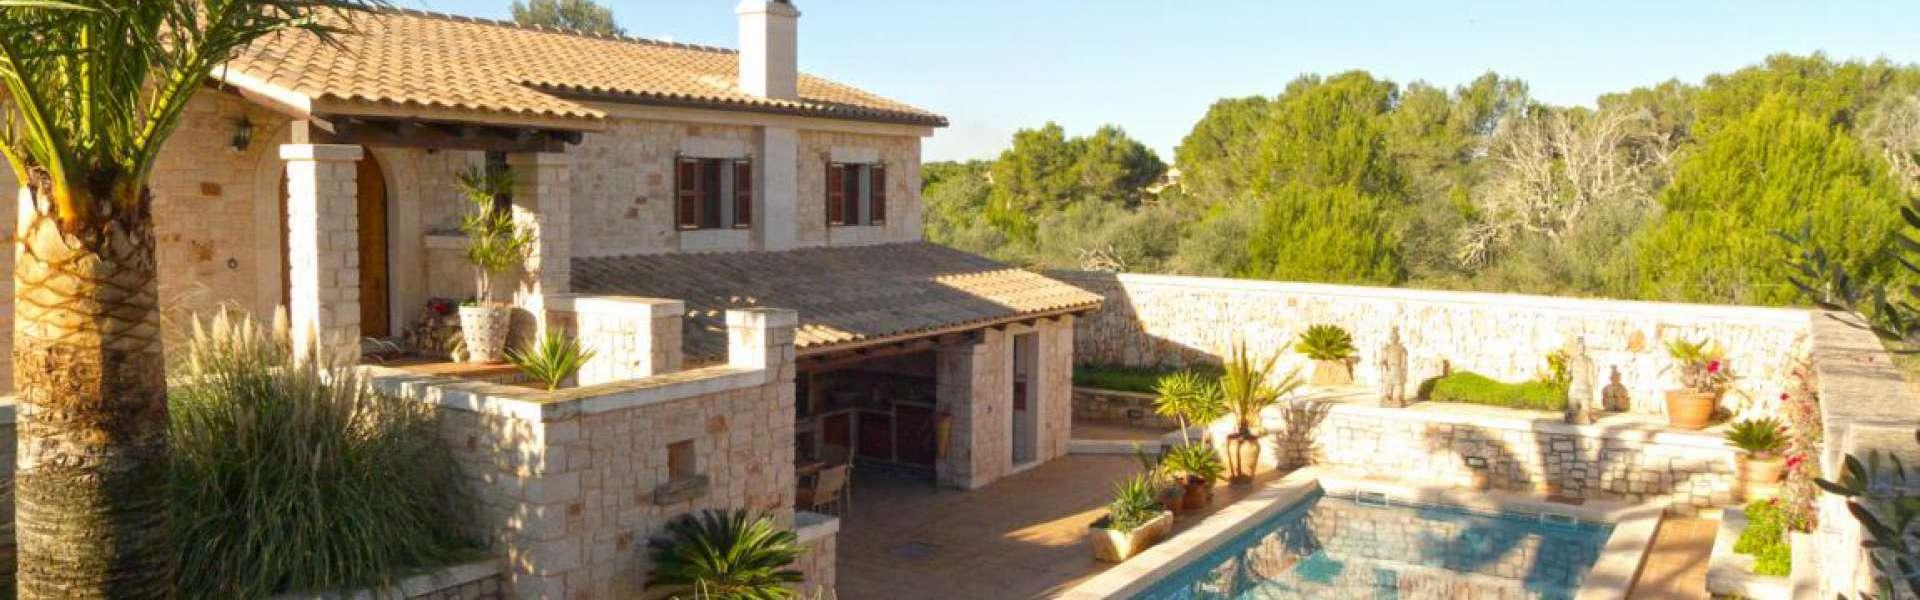 Cala Santanyi - Fincastil-Immobilie in schöner Lage